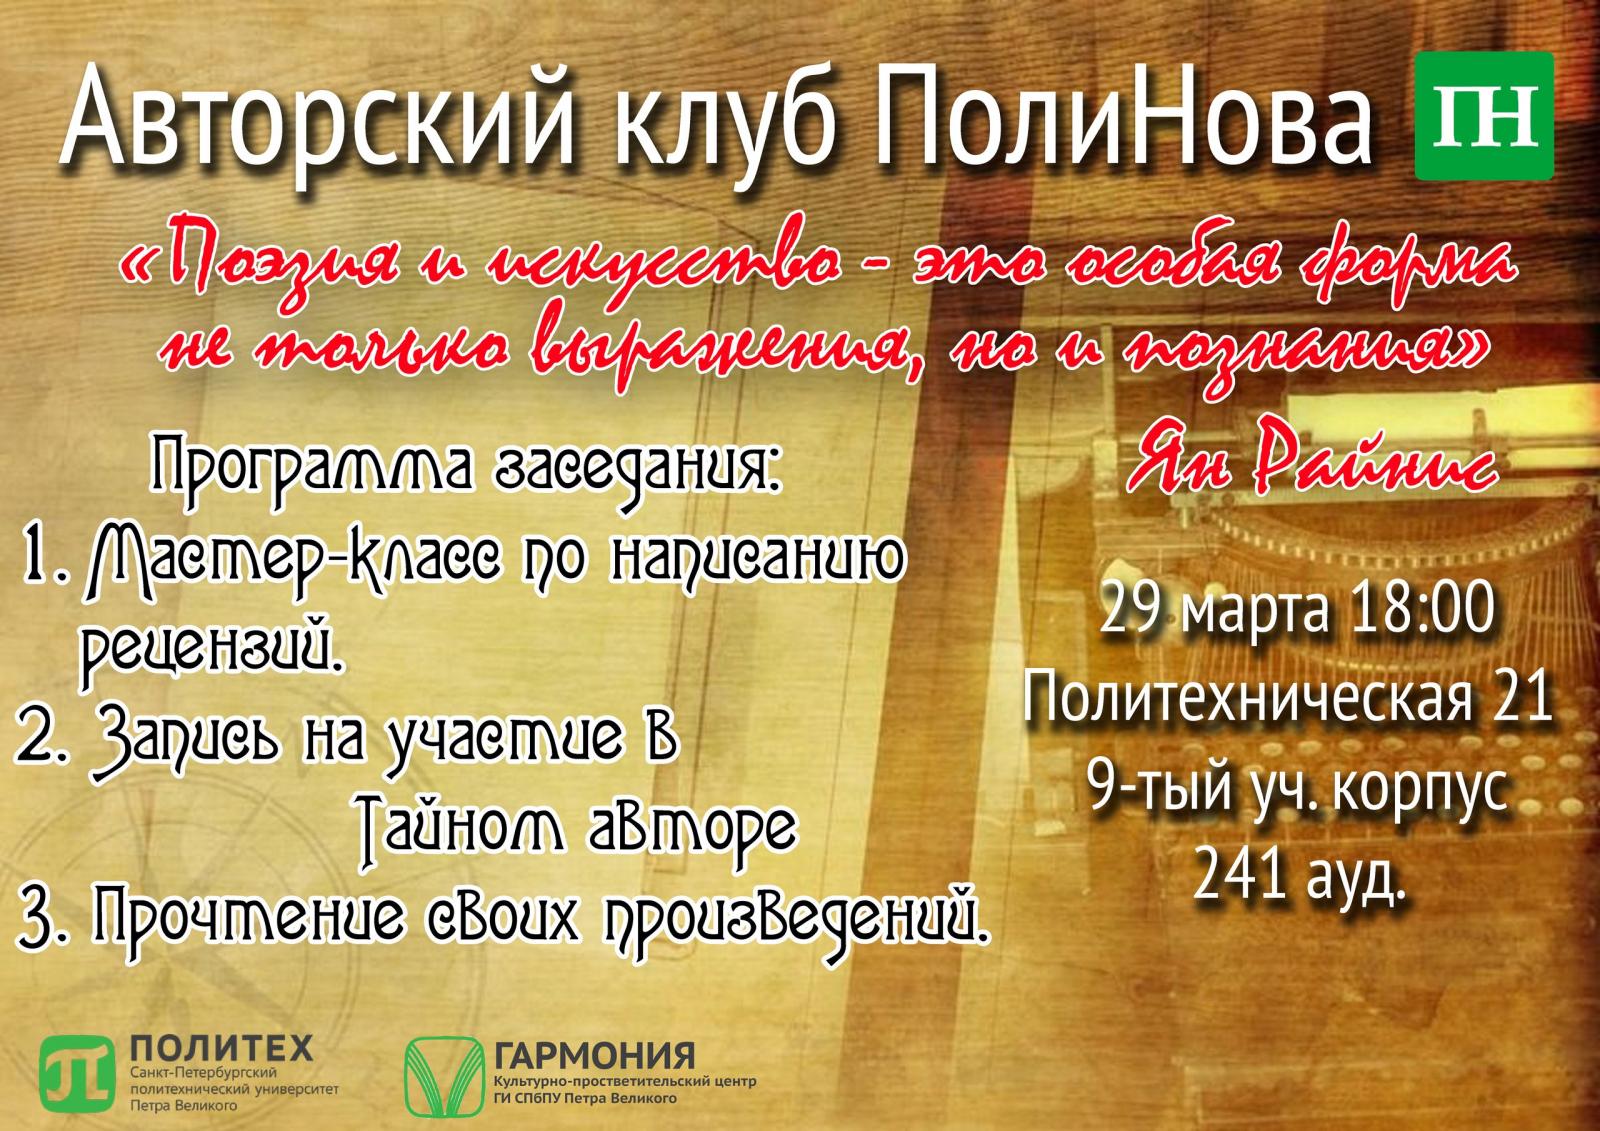 Приглашаем на заседание авторского клуба ПолиНова!